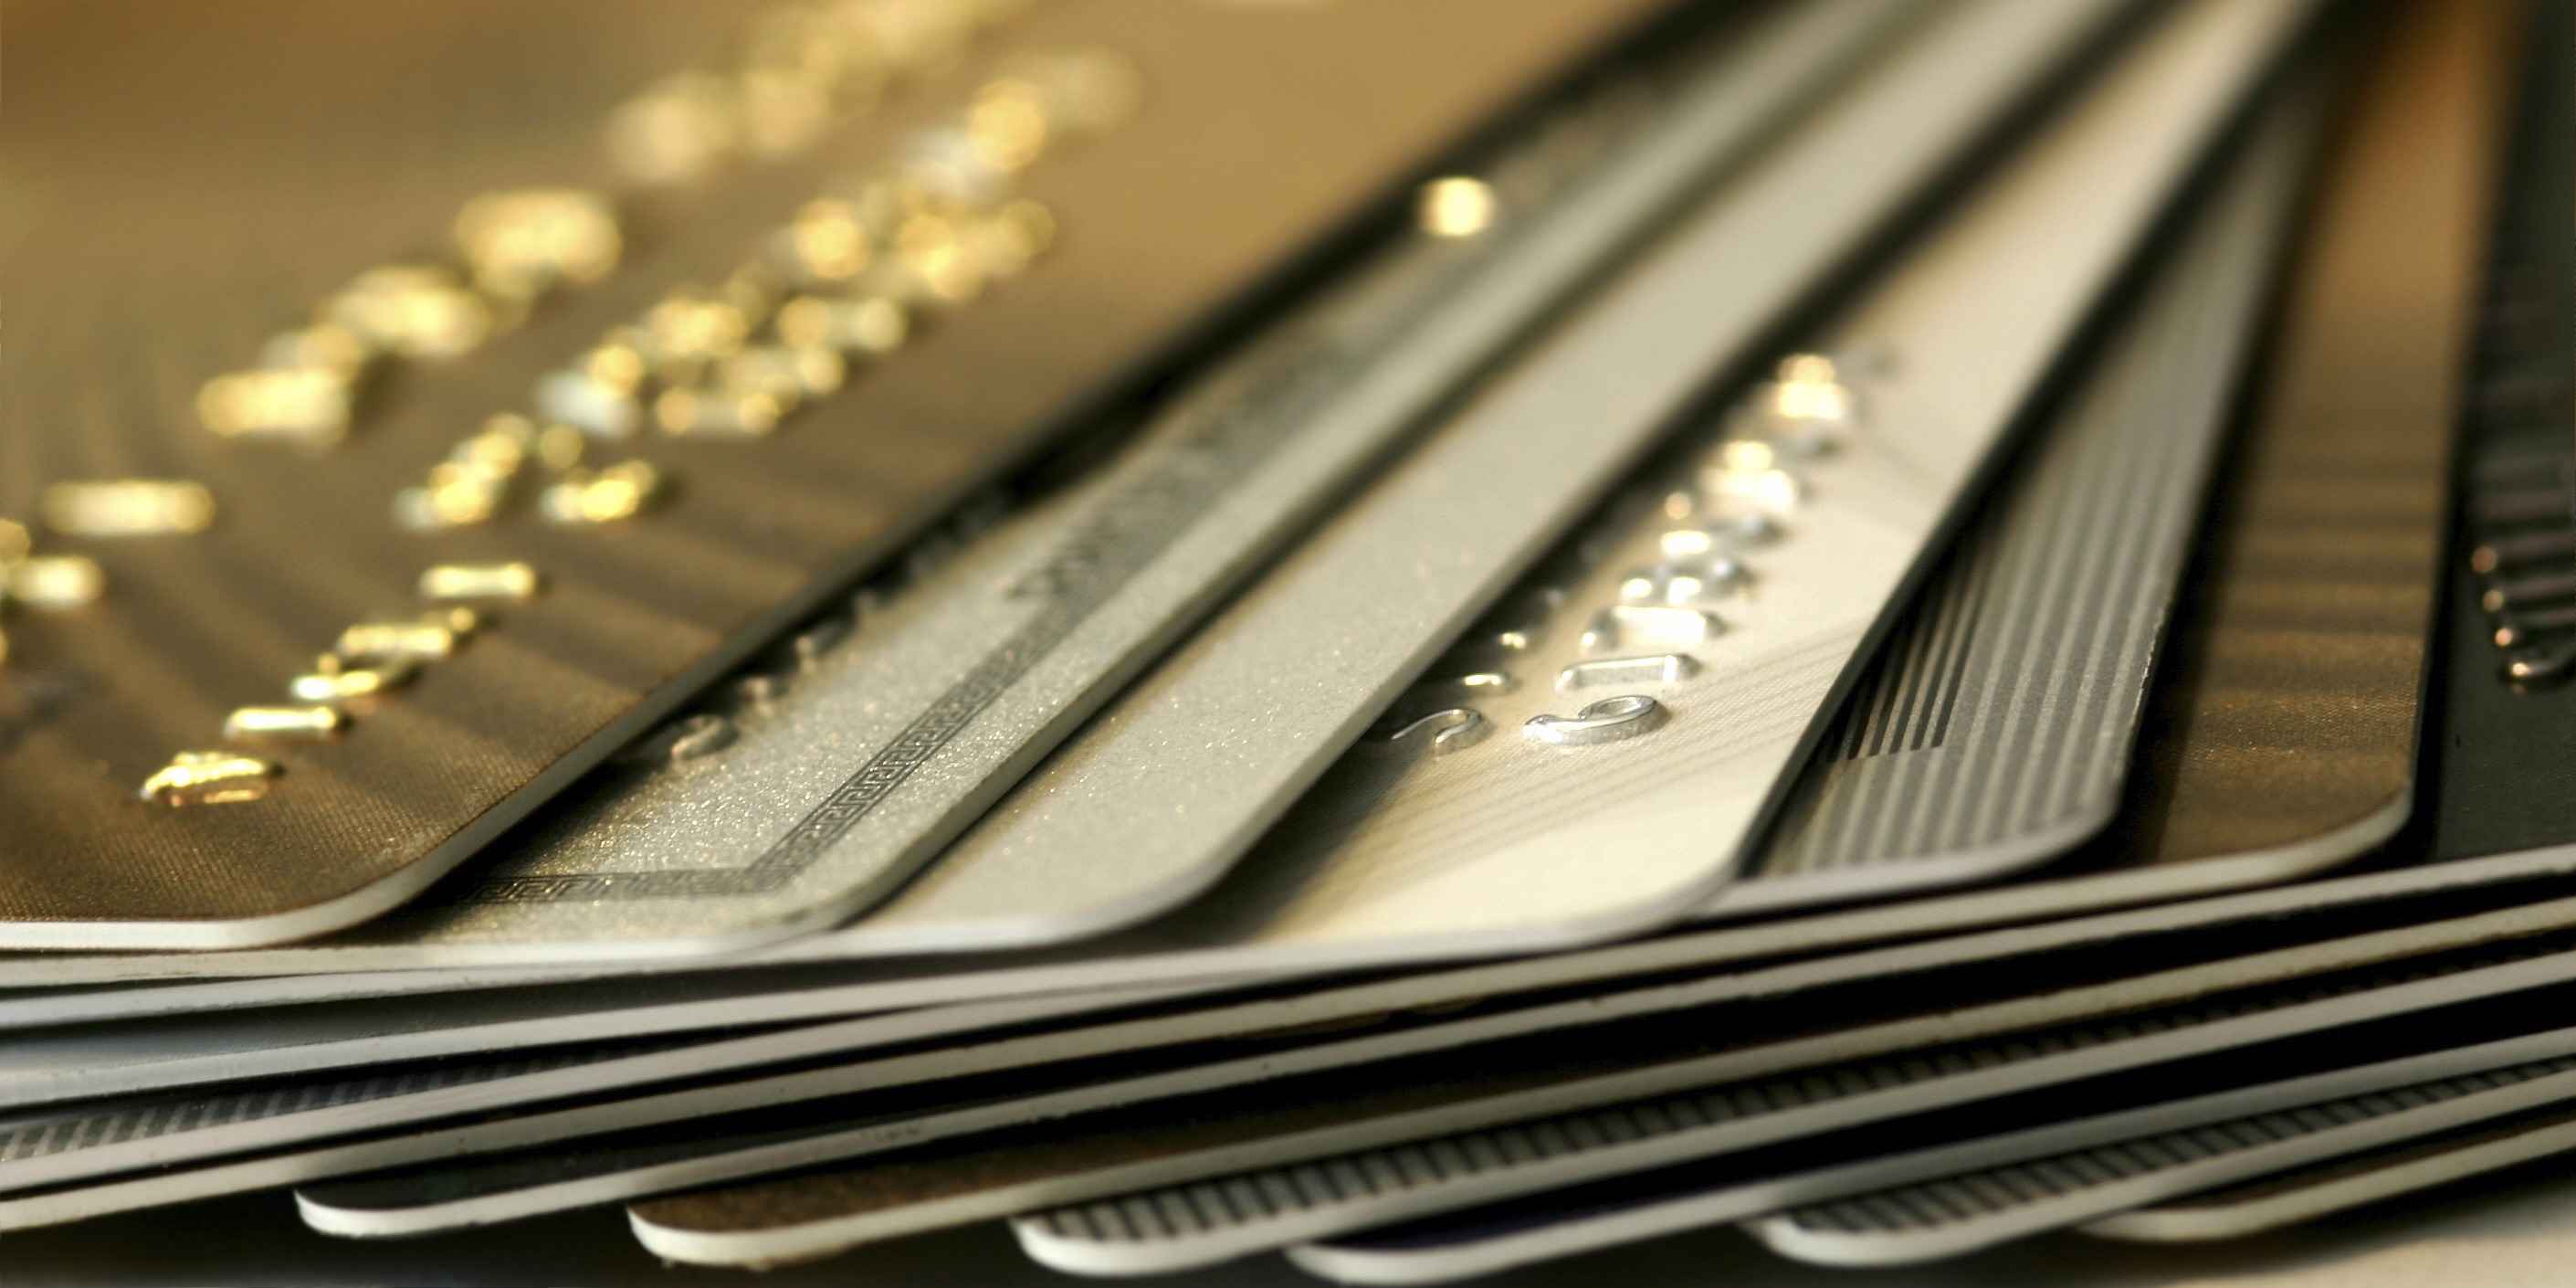 نیمهپنهان کارتهای اعتباری خرید کالا/ مردم فرمان توقف دادند